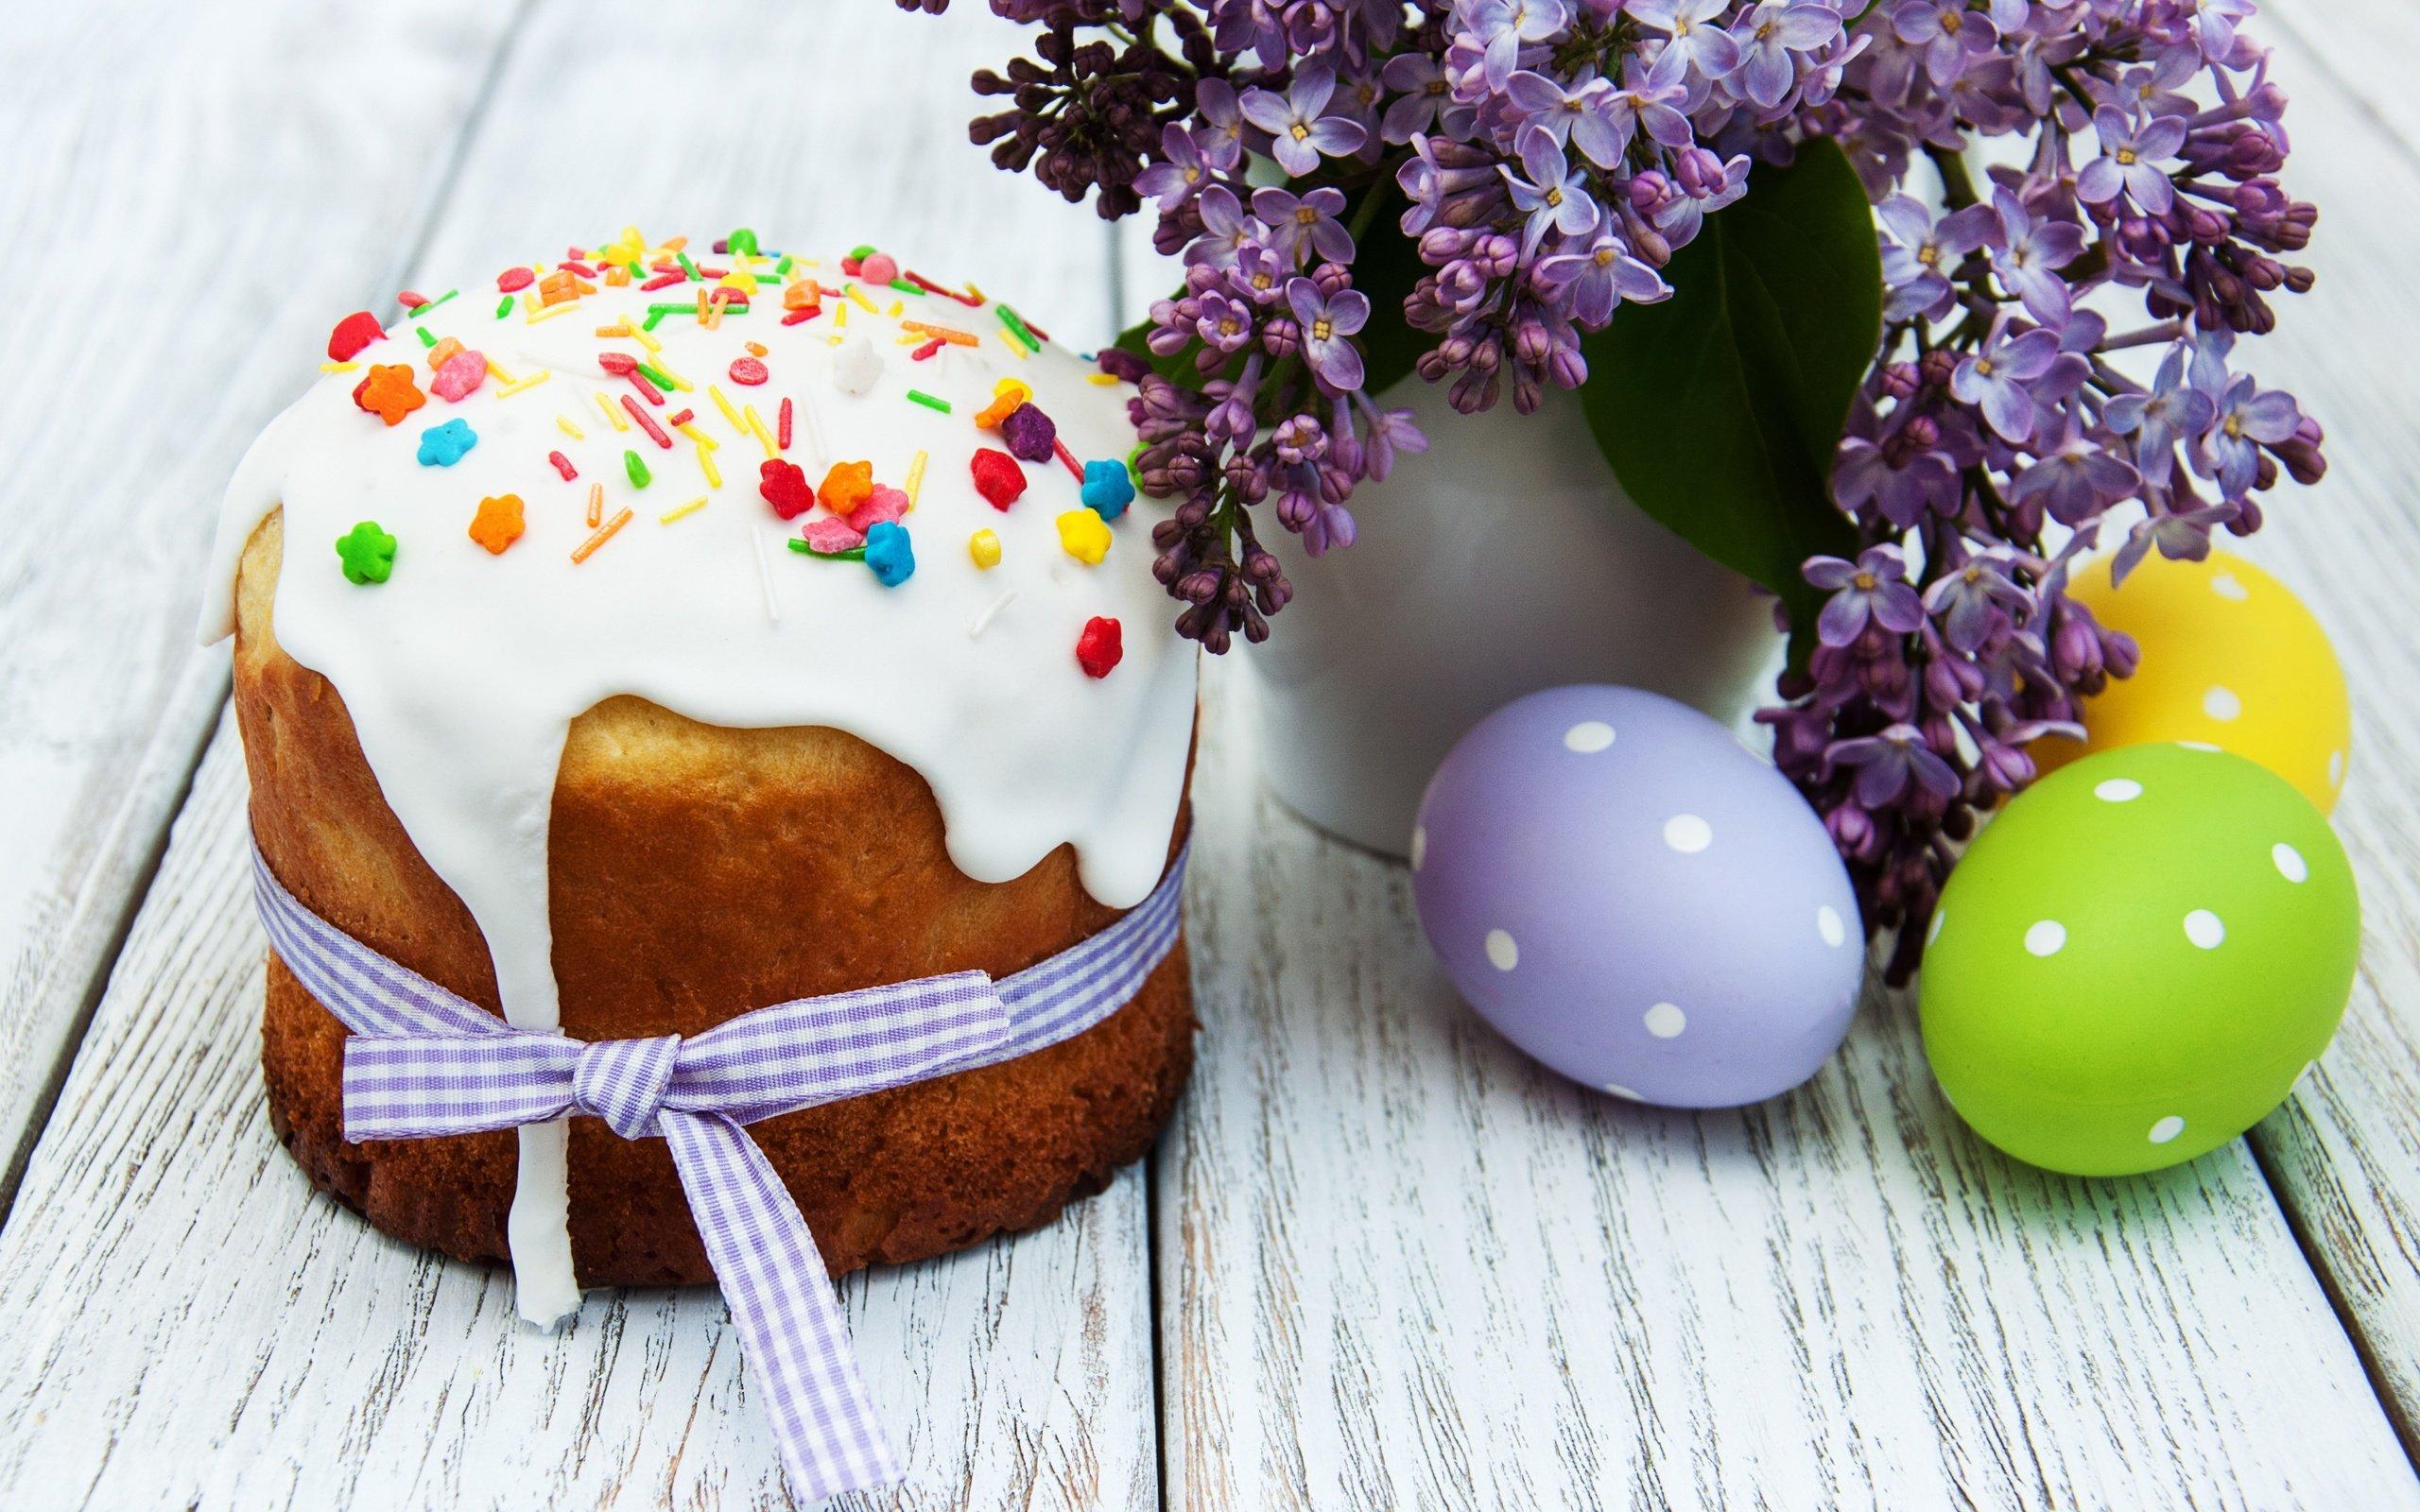 праздник пасха кулич яйца скачать